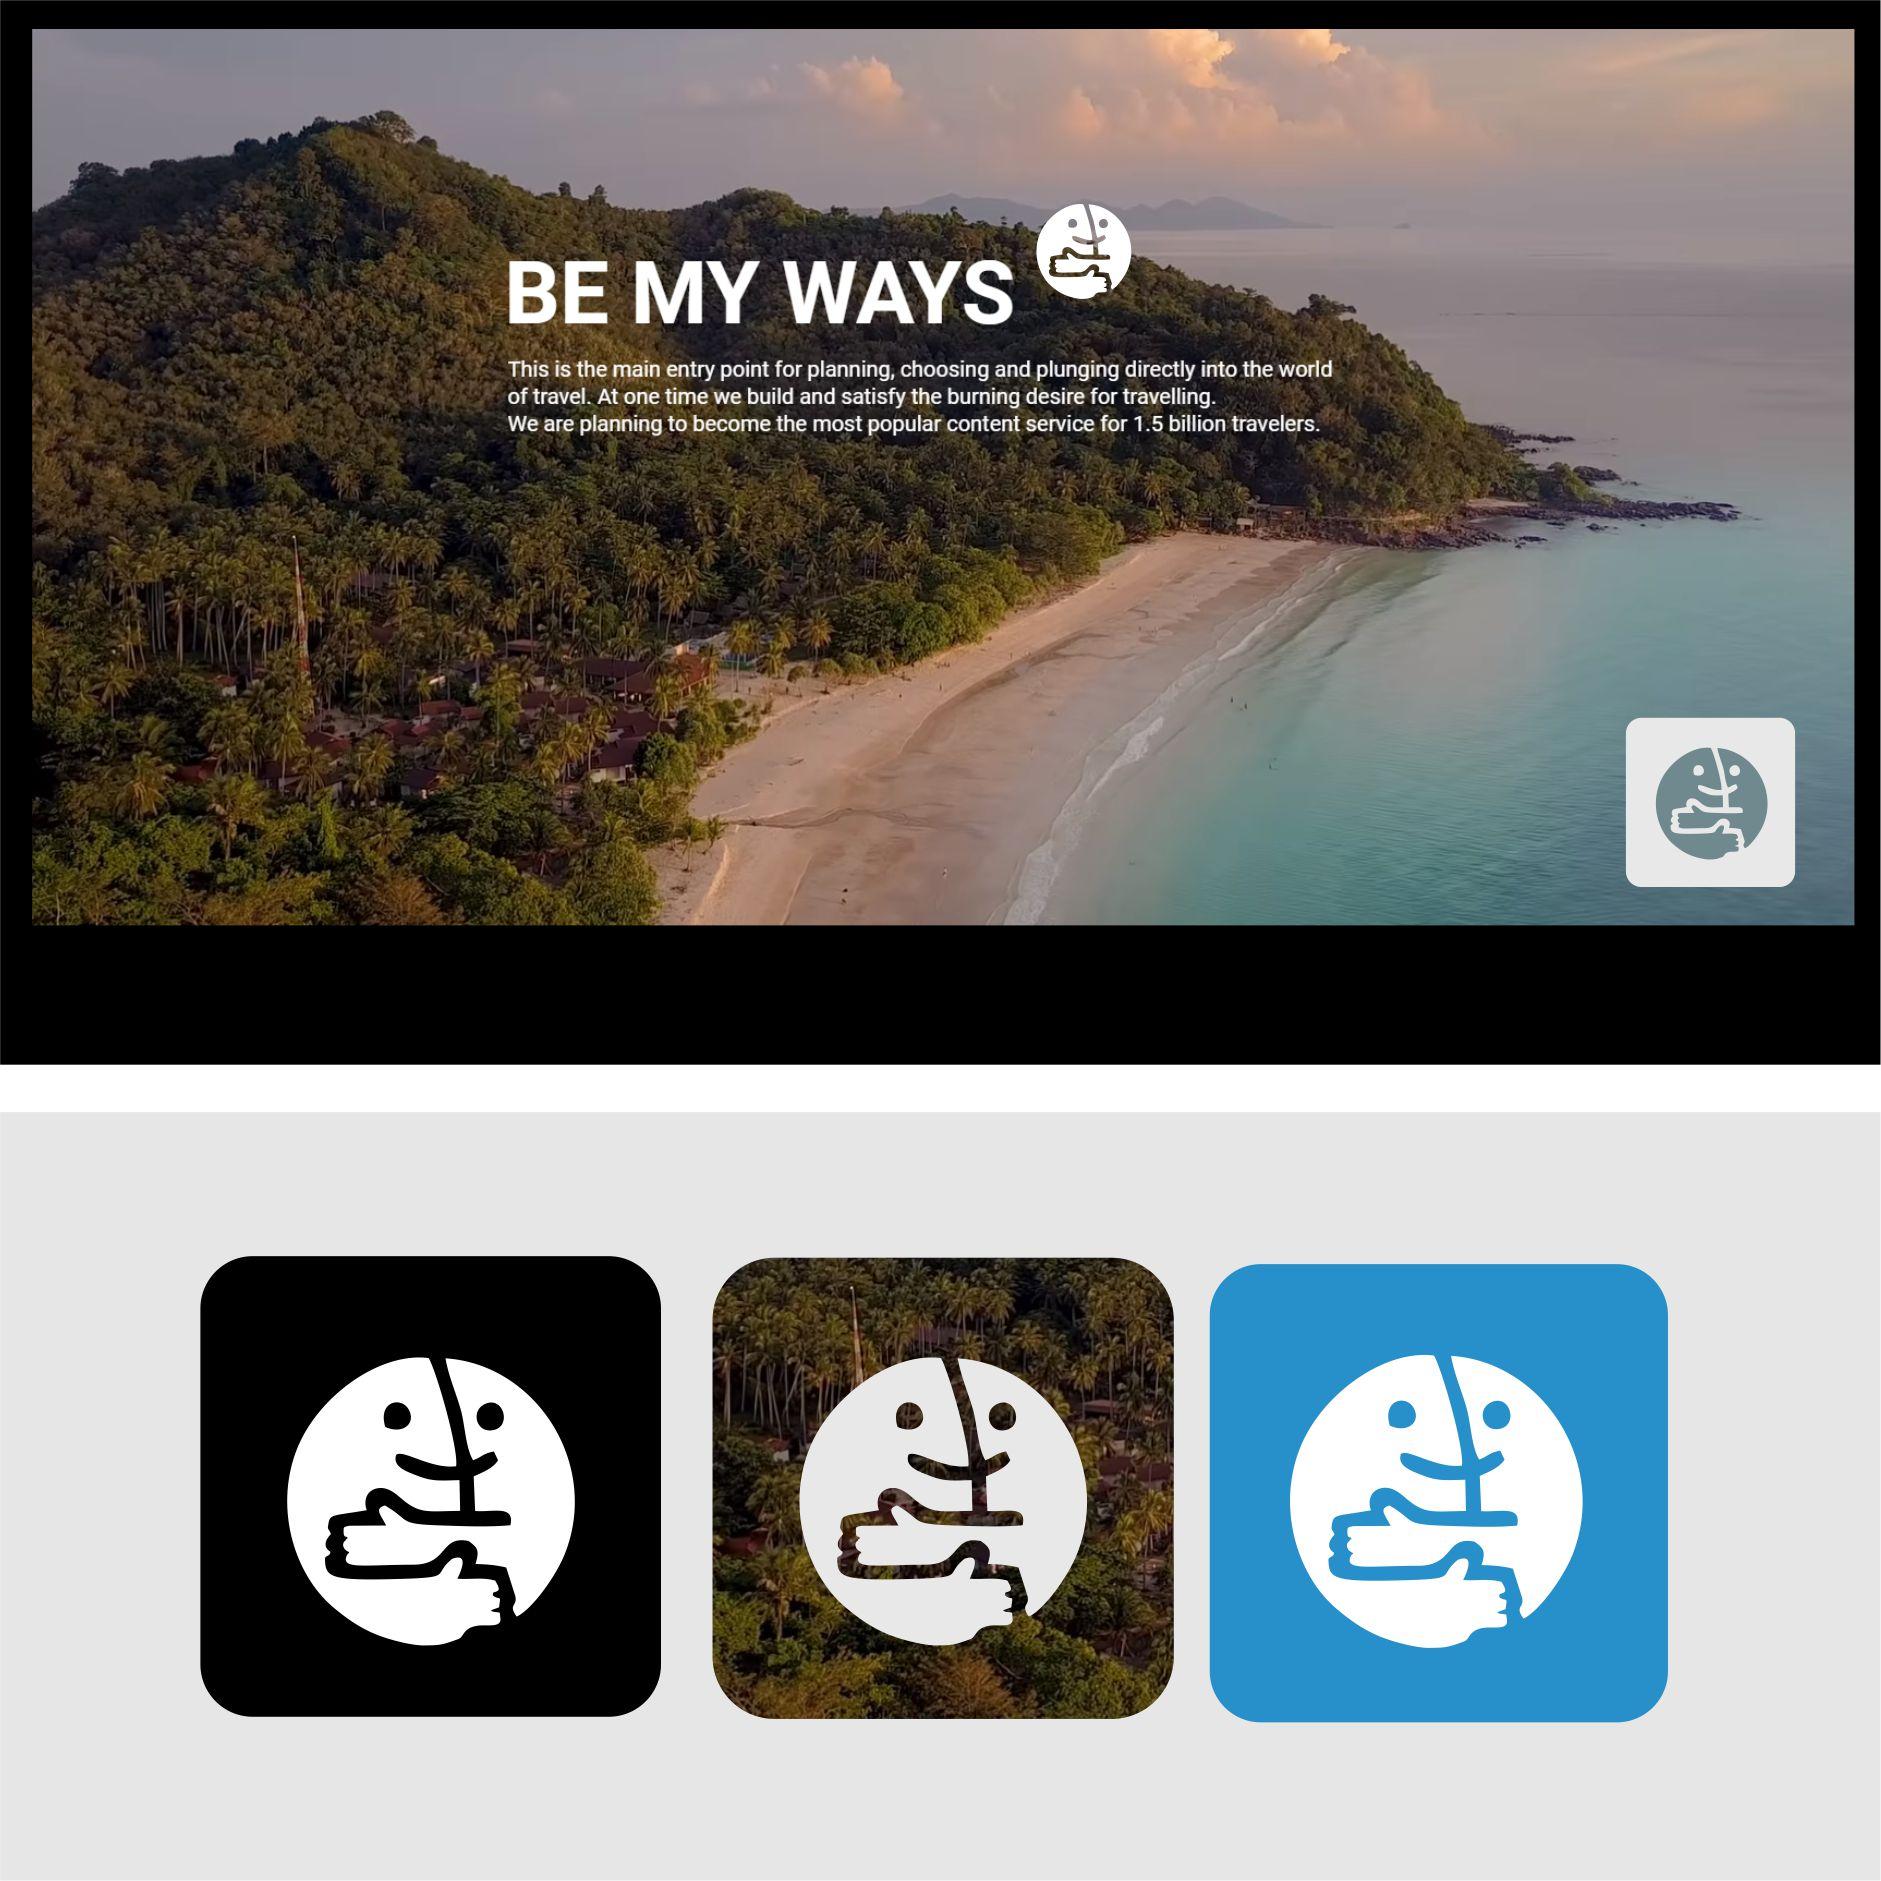 Разработка логотипа и иконки для Travel Video Platform фото f_0175c3c607777aef.jpg